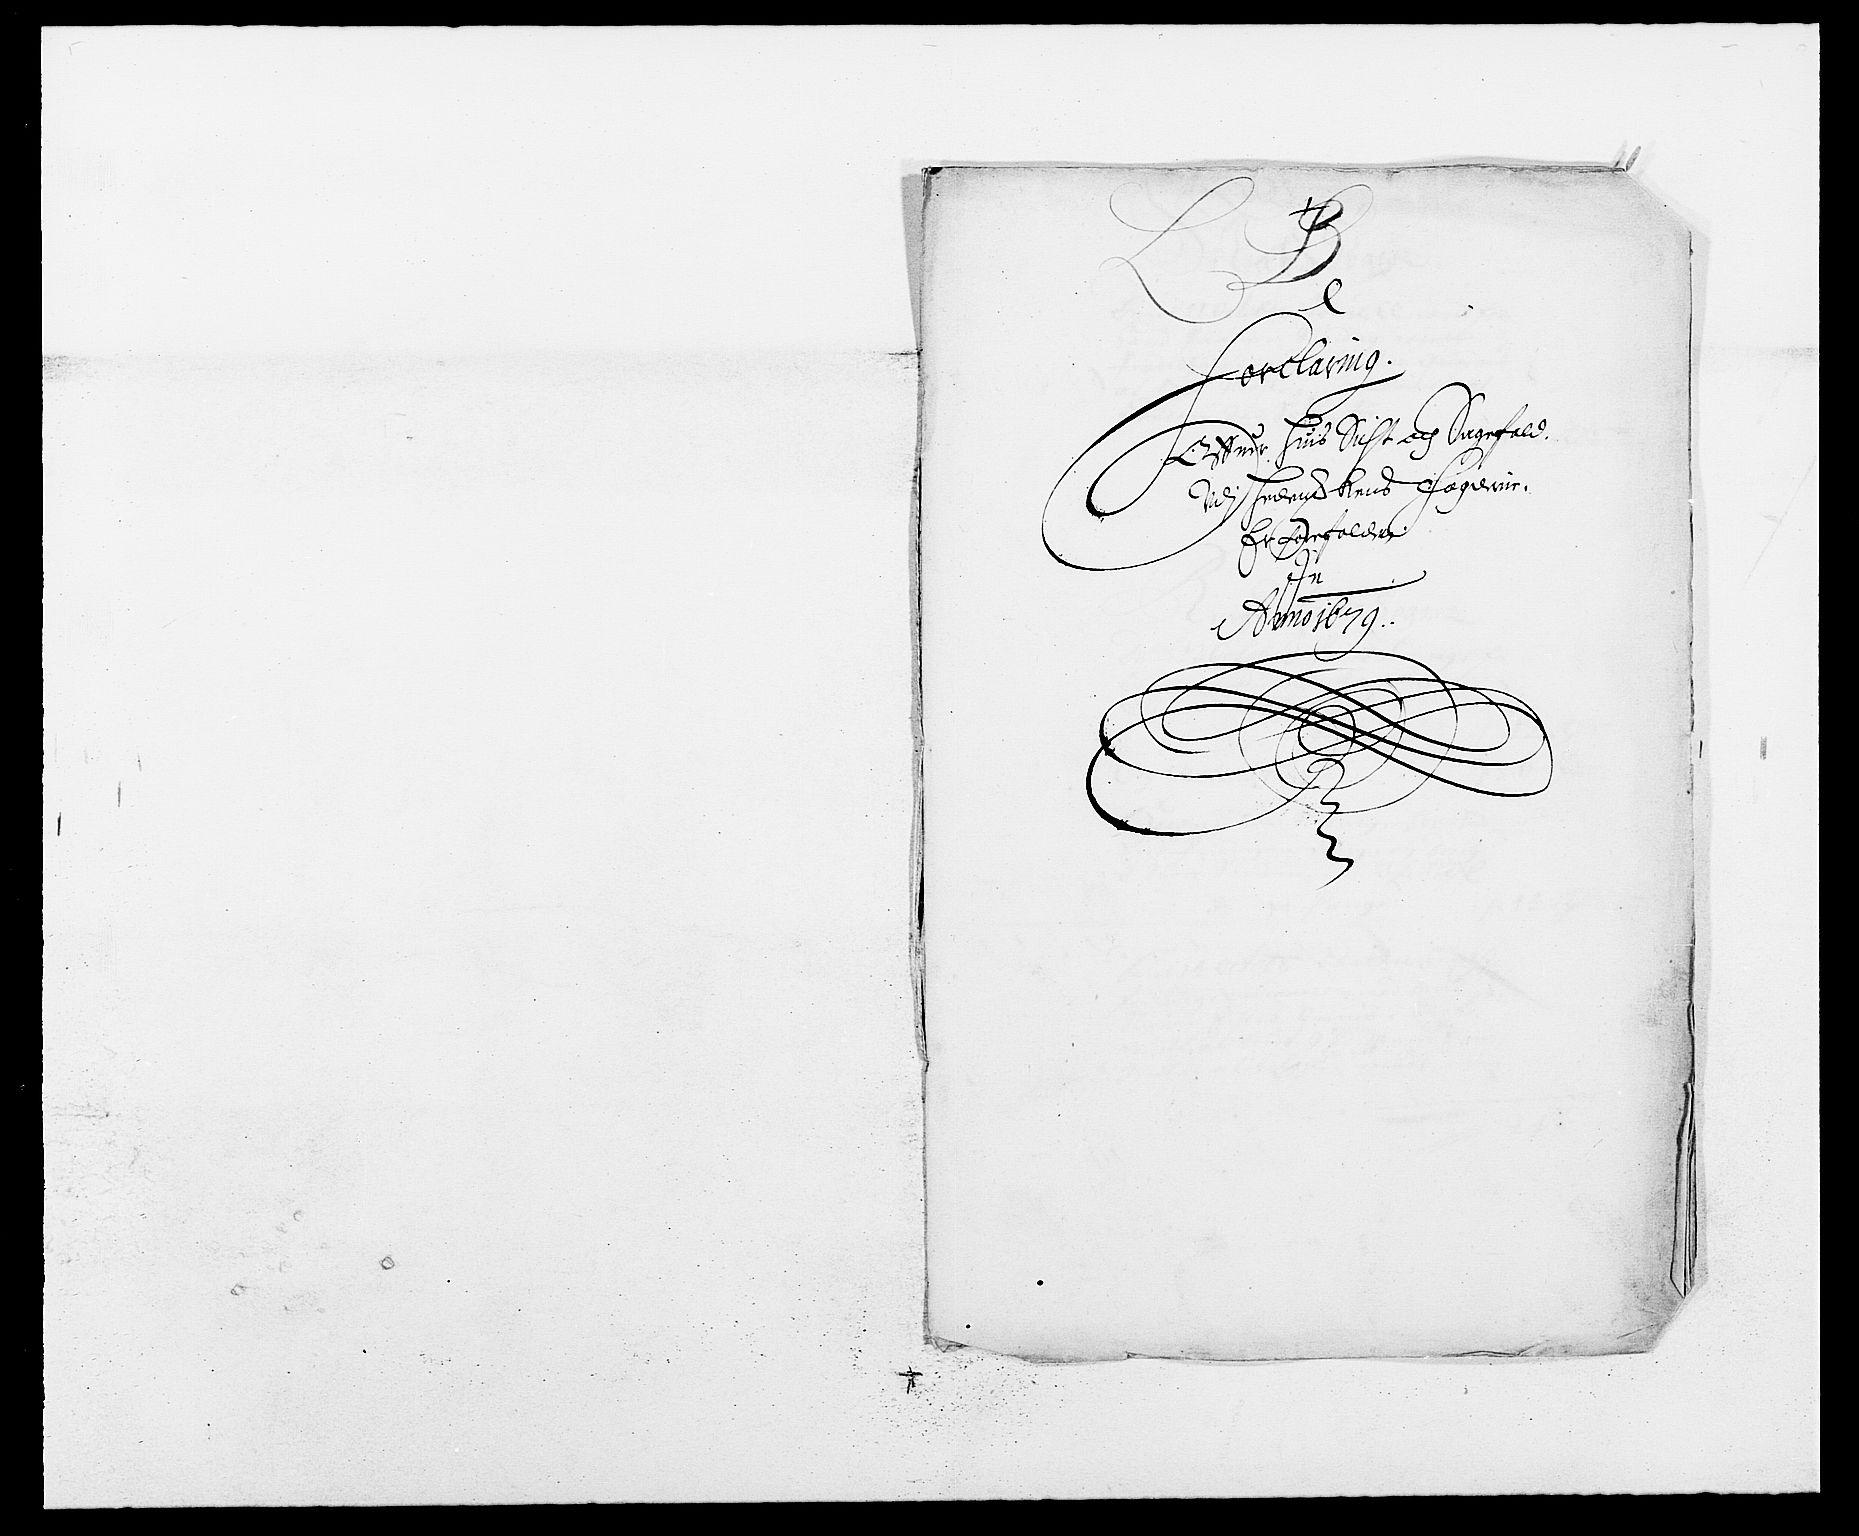 RA, Rentekammeret inntil 1814, Reviderte regnskaper, Fogderegnskap, R16/L1018: Fogderegnskap Hedmark, 1678-1679, s. 132